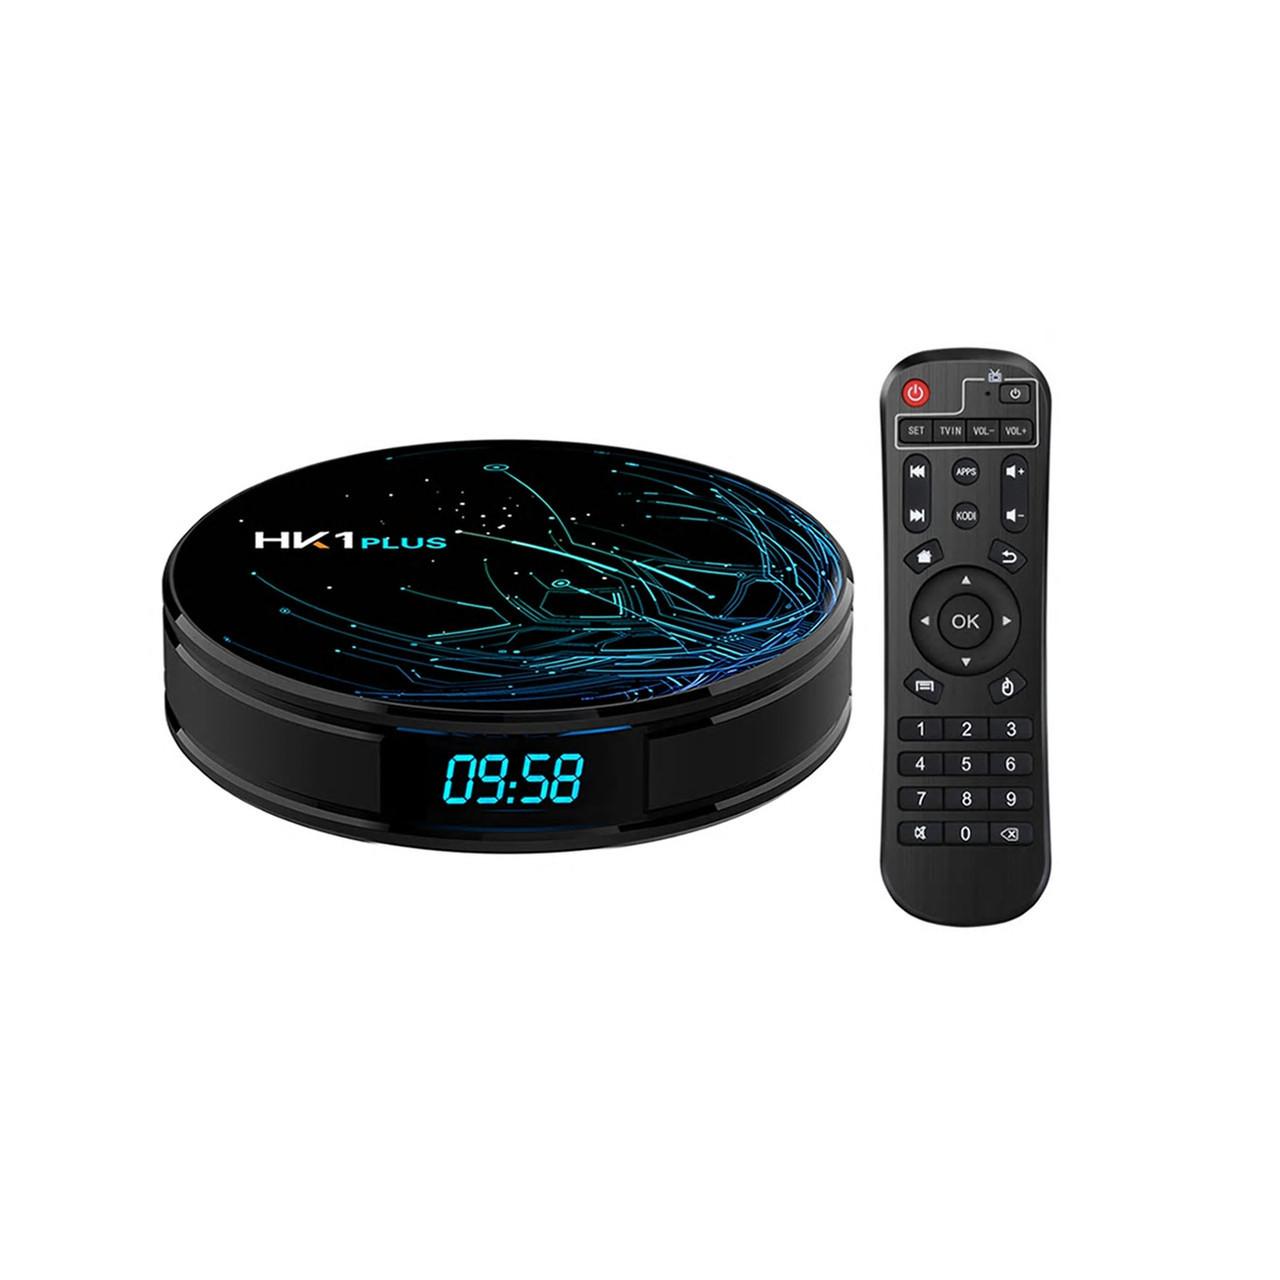 HK1 Plus 4/64 | S905X2 | Смарт ТВ Приставка | Smart TV Box